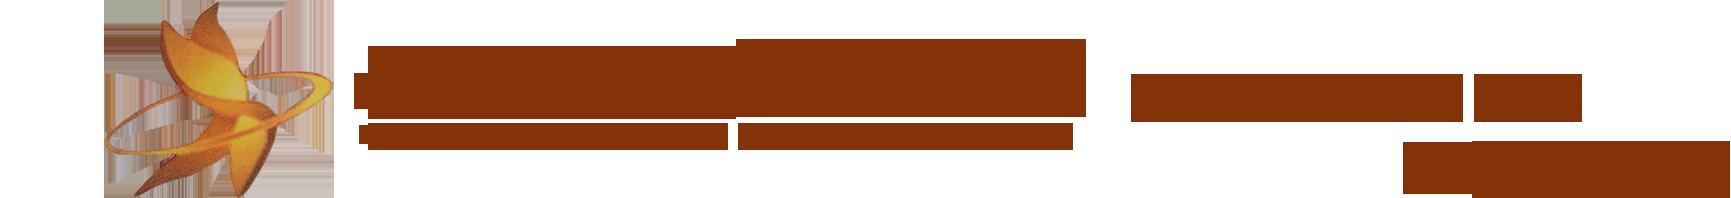 兰州ag旗舰厅注册机电有限公司